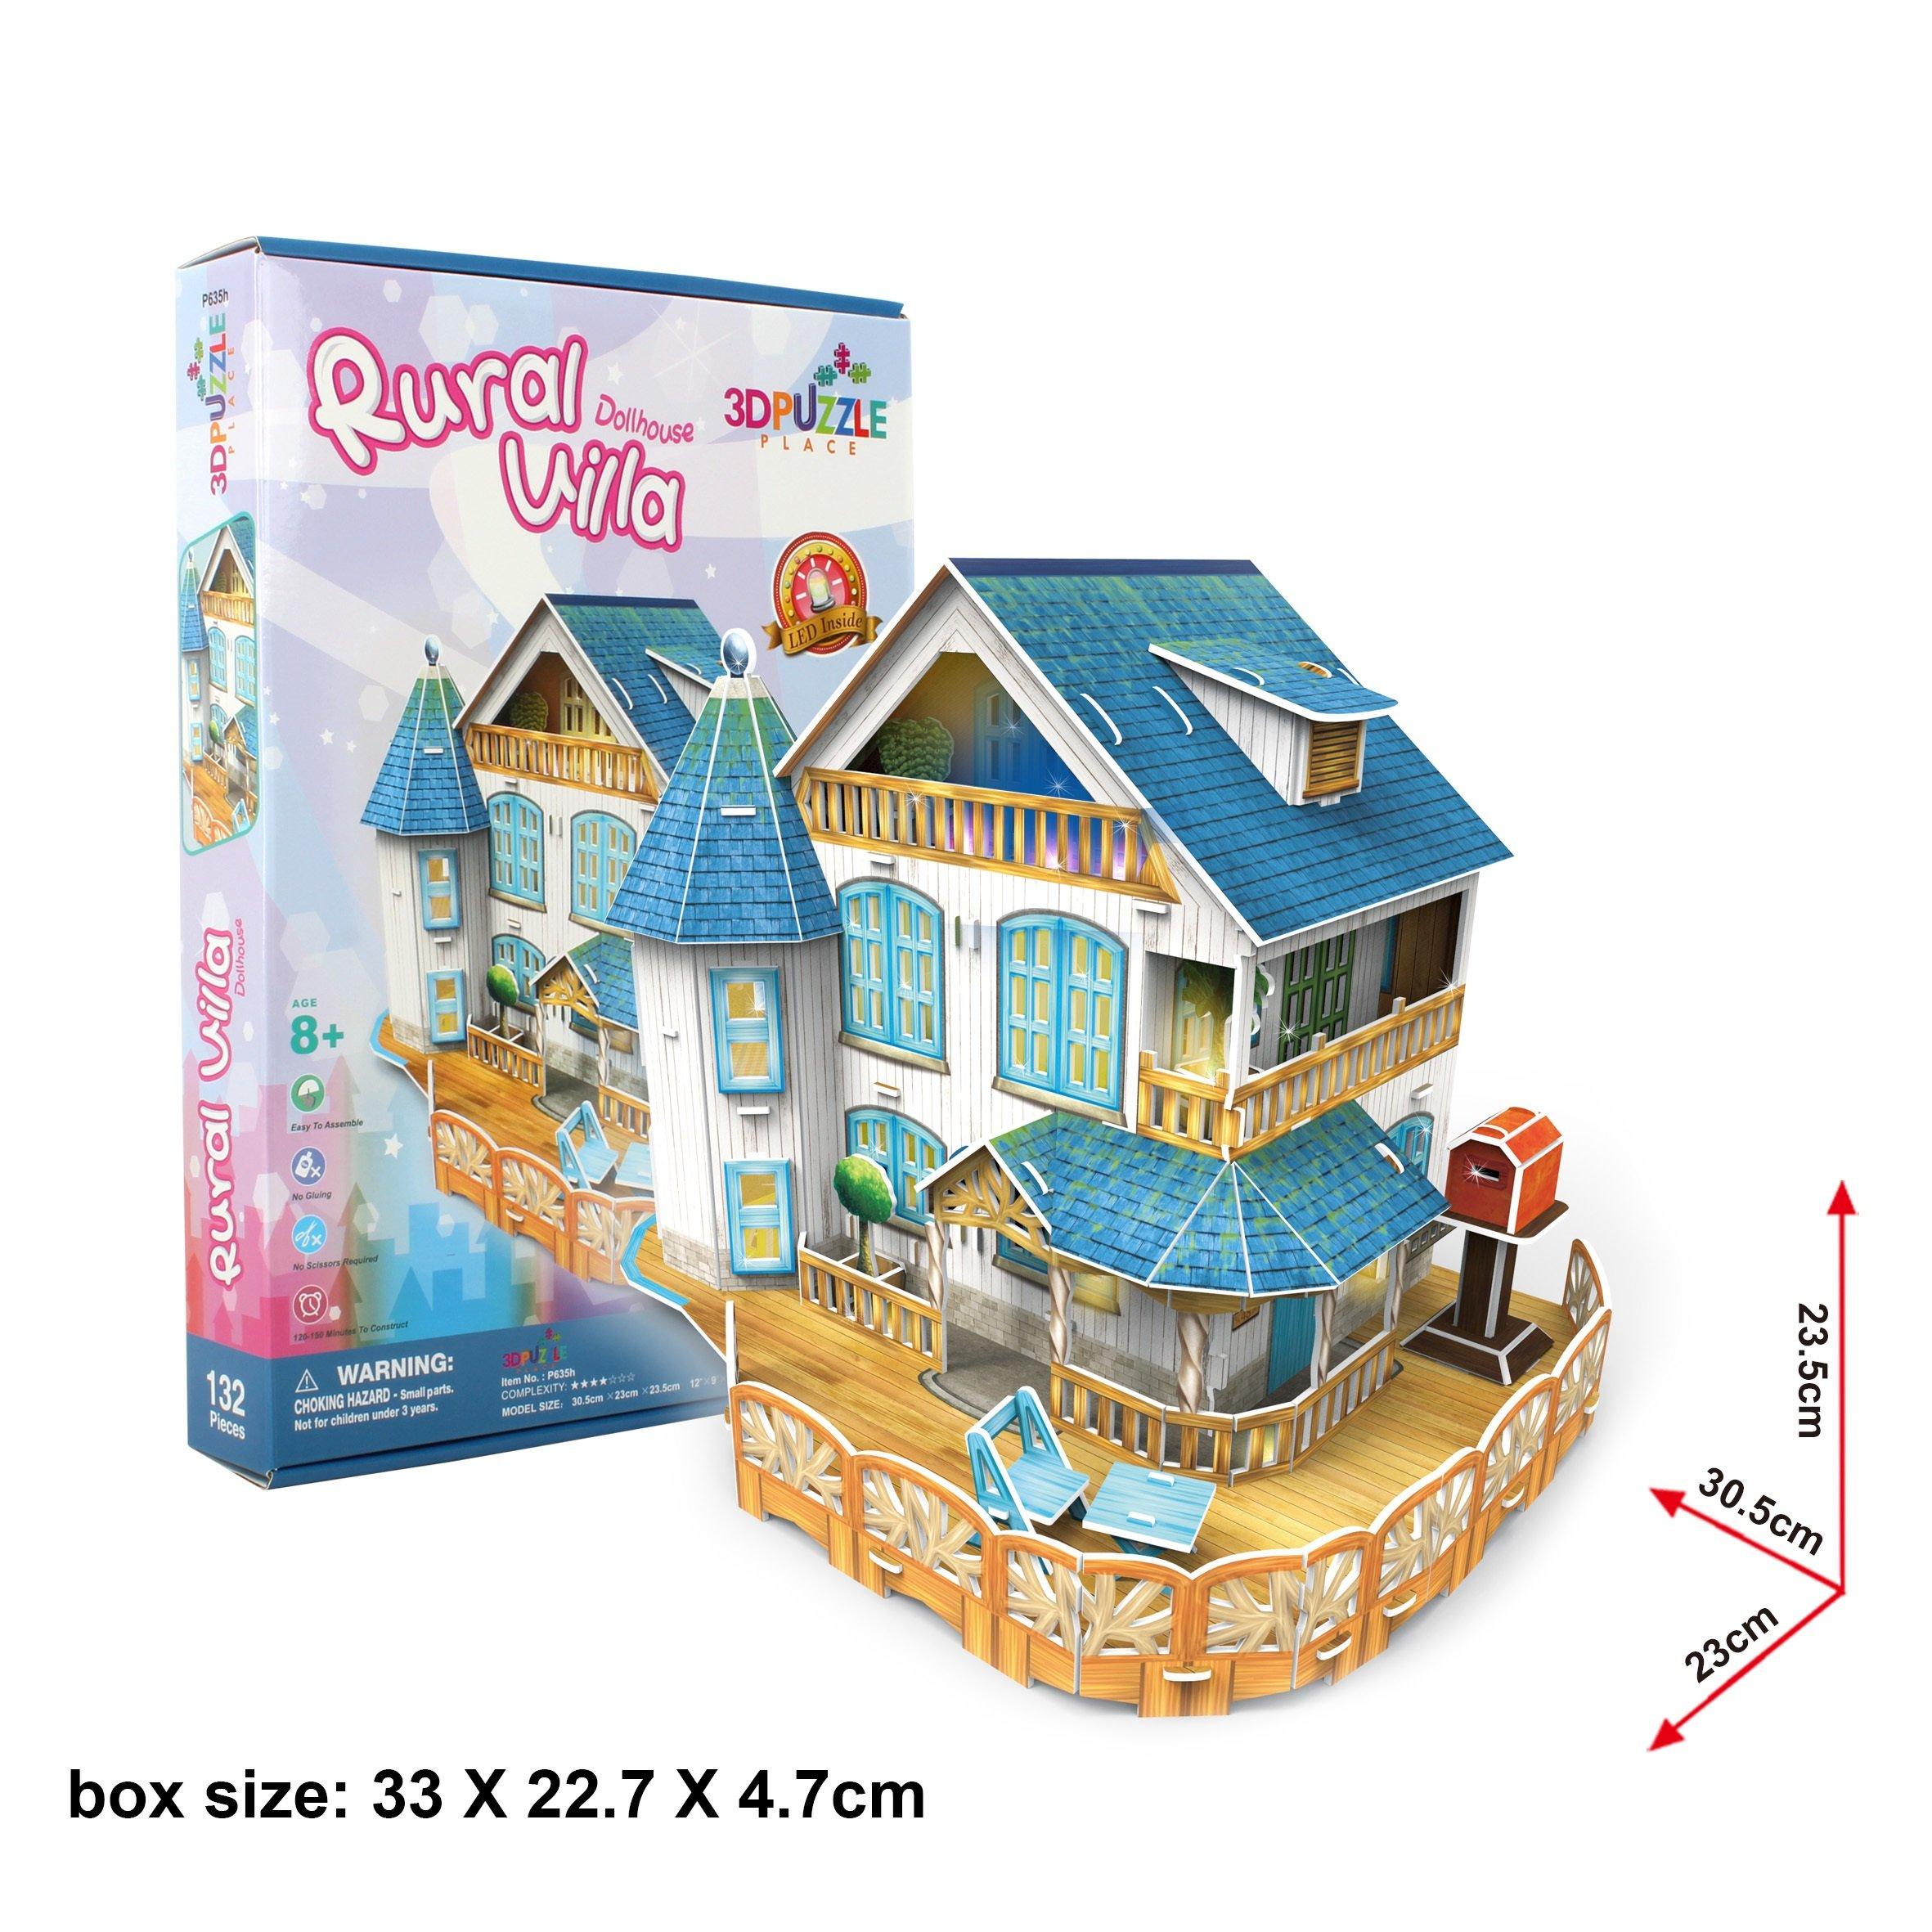 3D Puzzle Place Cubic Classic Rural Villa Dollhouse by 3D Puzzle Place (Image #3)